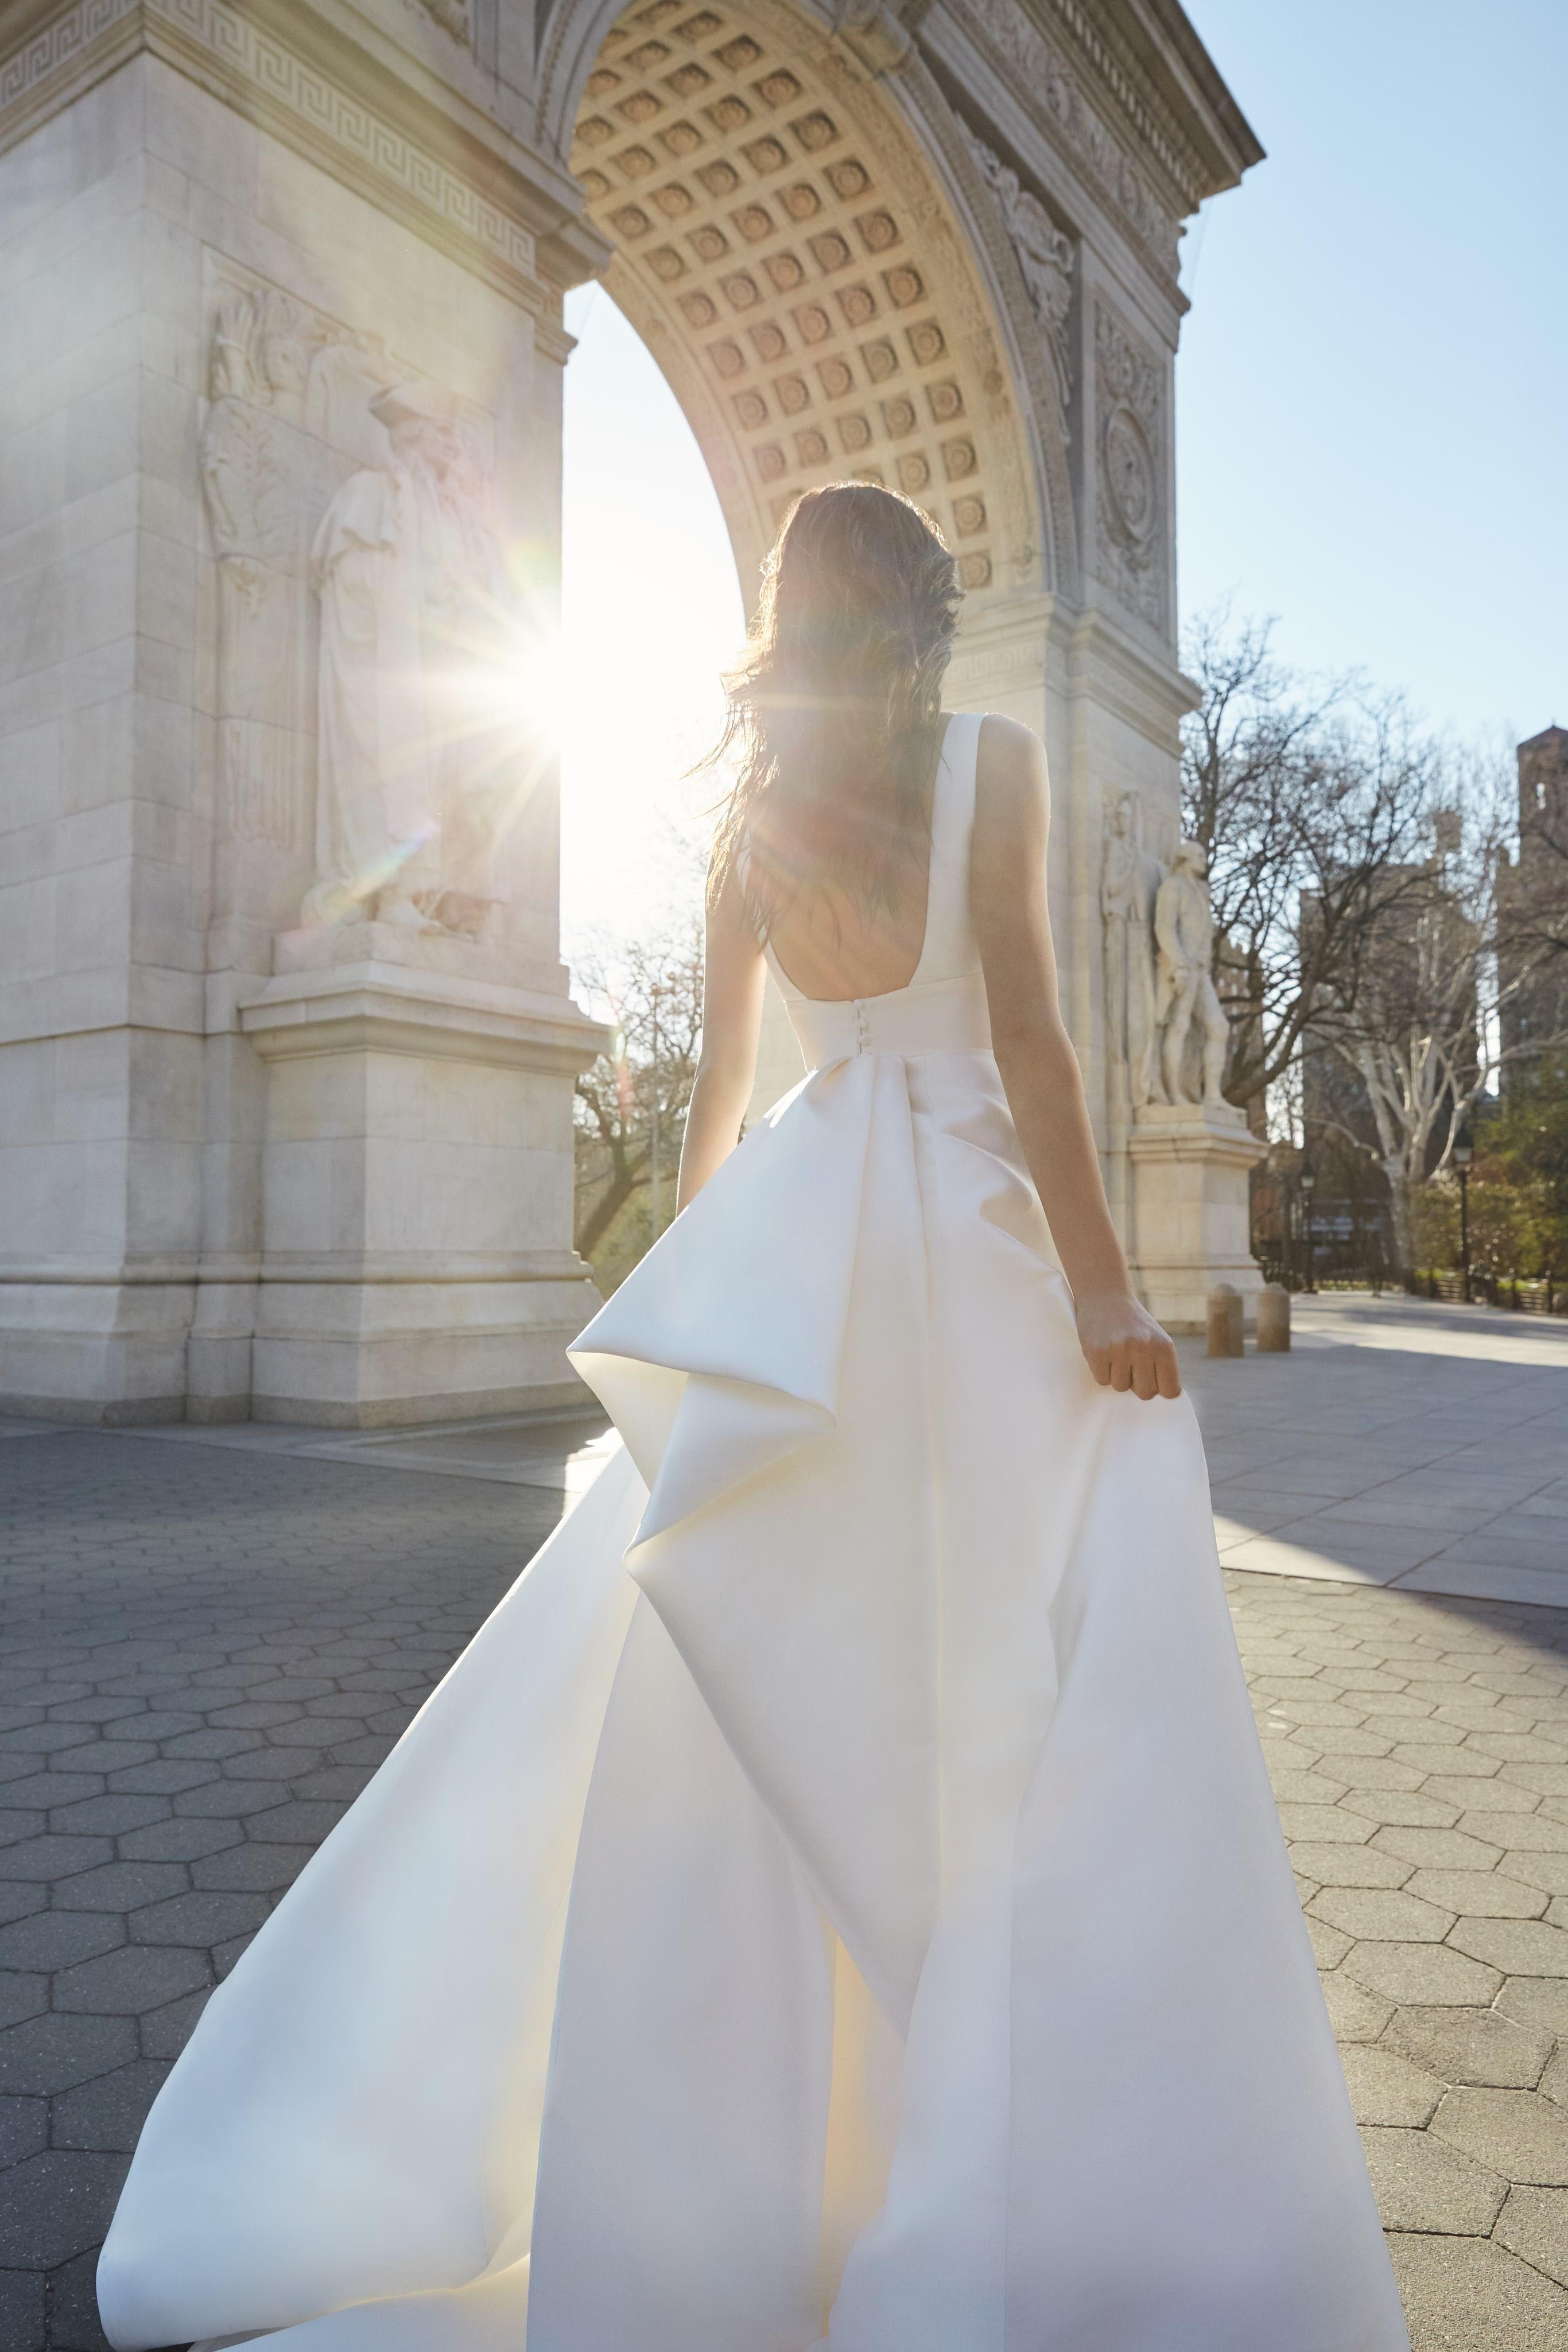 Bliss Monique Lhuillier Bridal Wedding Dress Collection Spring 2020 Brides Monique Lhuillier Bridal Wedding Dresses Ball Gowns Wedding